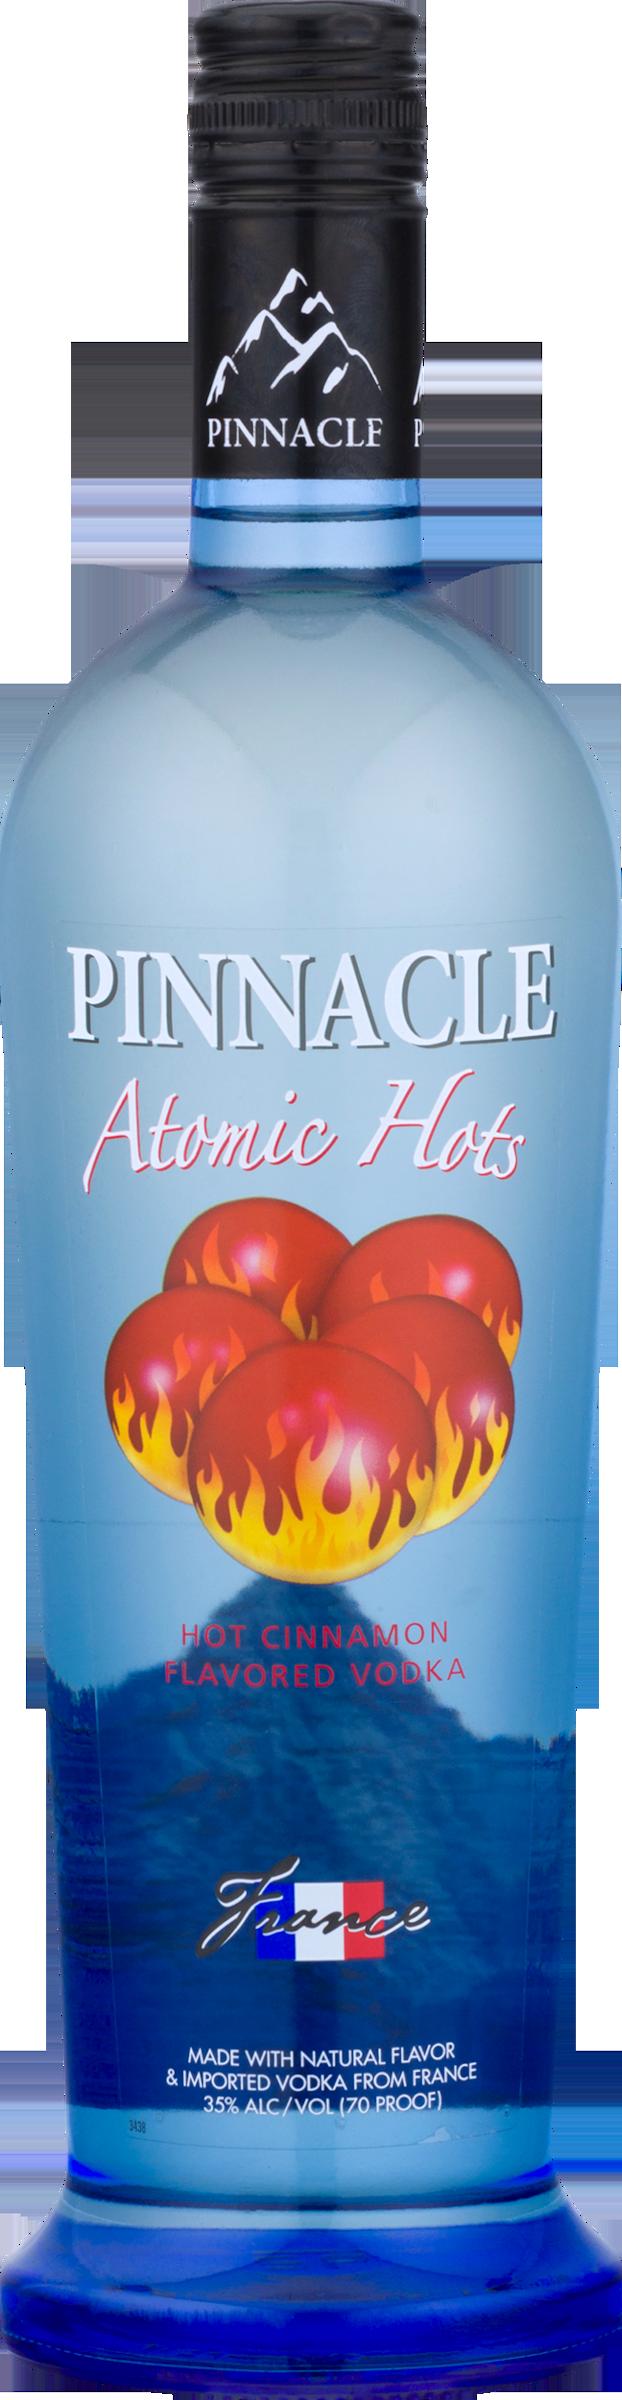 Pinnacle® Atomic Hot Vodka